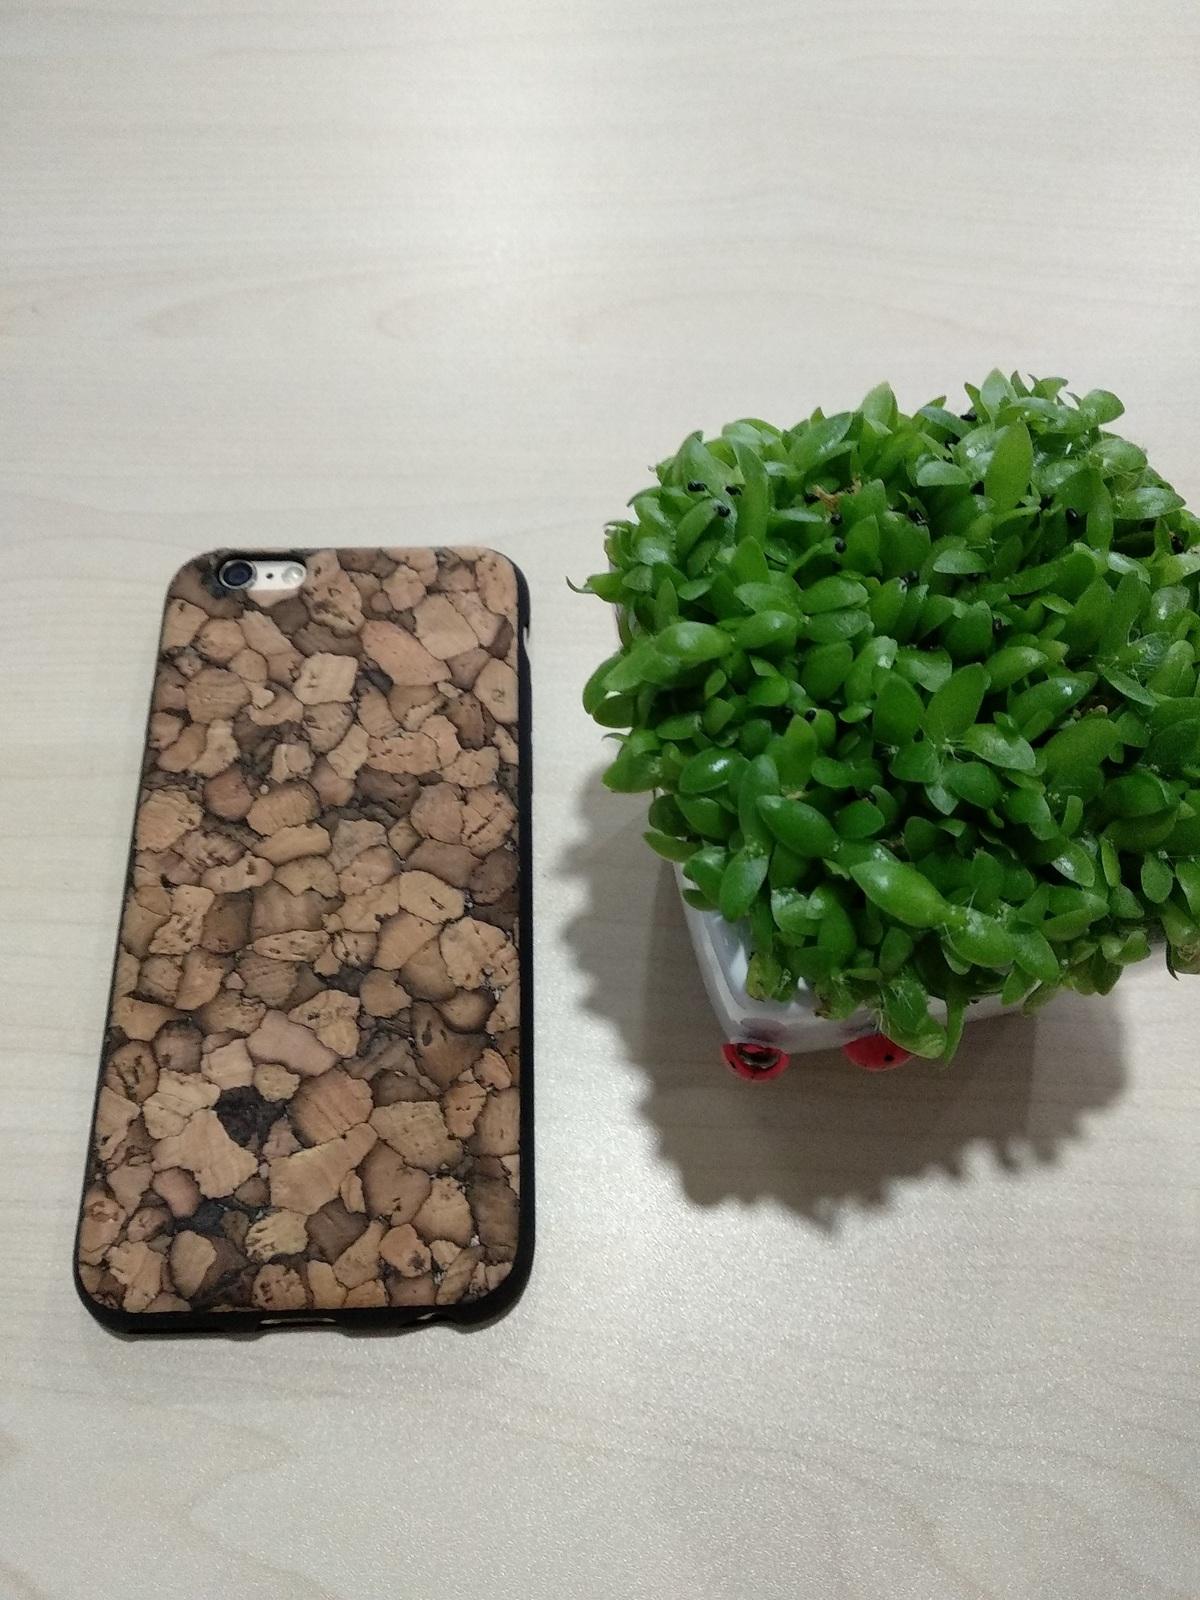 EcoQuote iPhone 6 / 6s Handmade Phone TPU + Soft Cork Case Finishing for Vegan